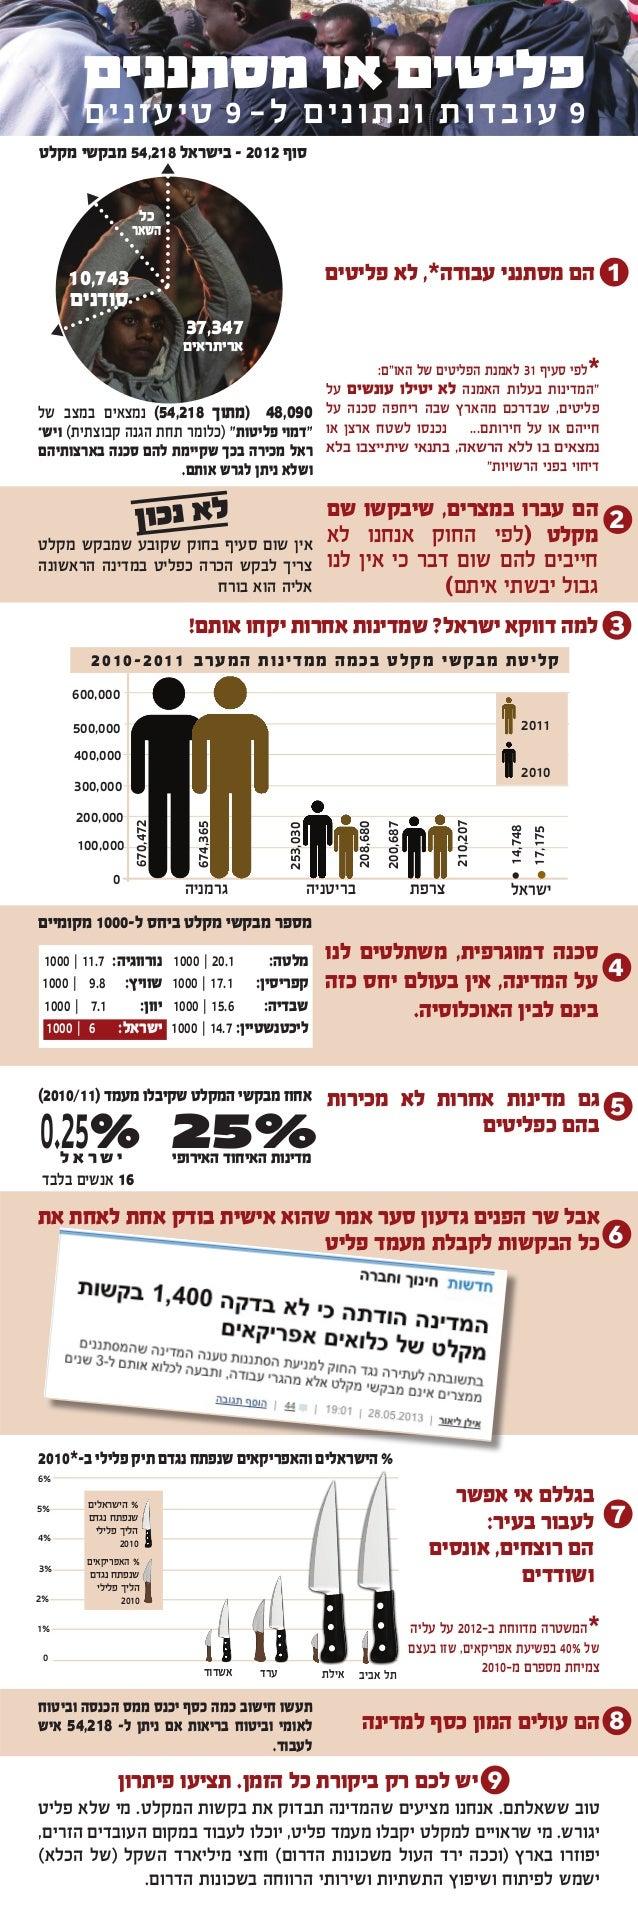 פליטים או מסתננים  9 ע ו ב ד ו ת ו נ ת ונ י ם ל- 9 טיעונים סוף 2102 - בישראל 812,45 מבקשי מקלט כל השאר  1  הם...